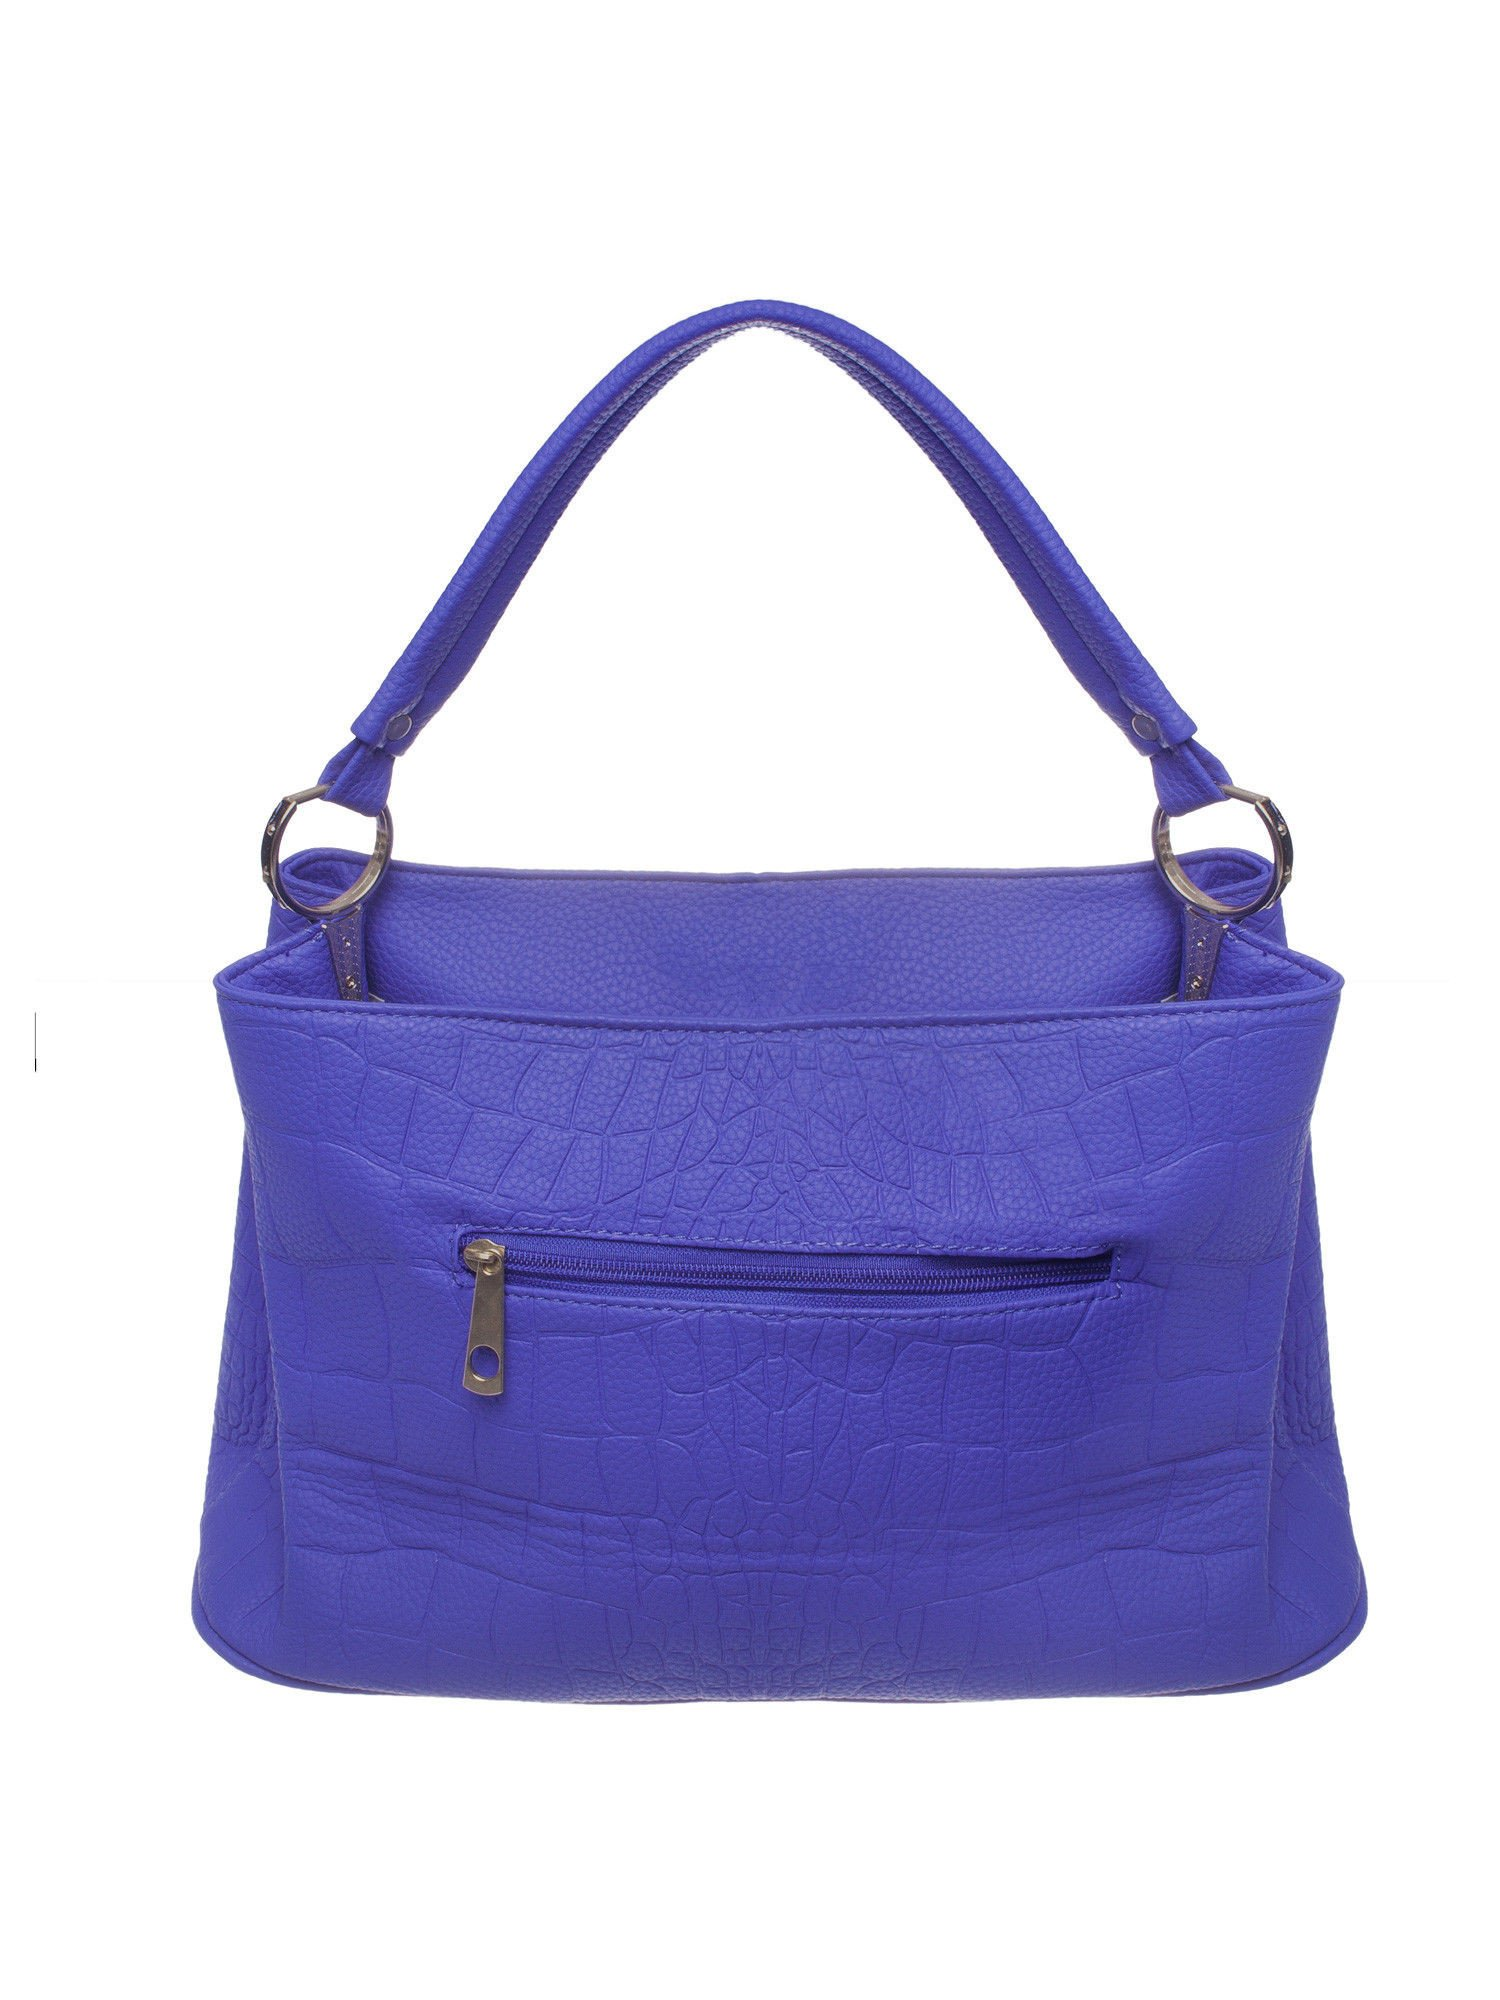 Niebieska torebka na ramię tłoczona na wzór skóry krokodyla                                  zdj.                                  2